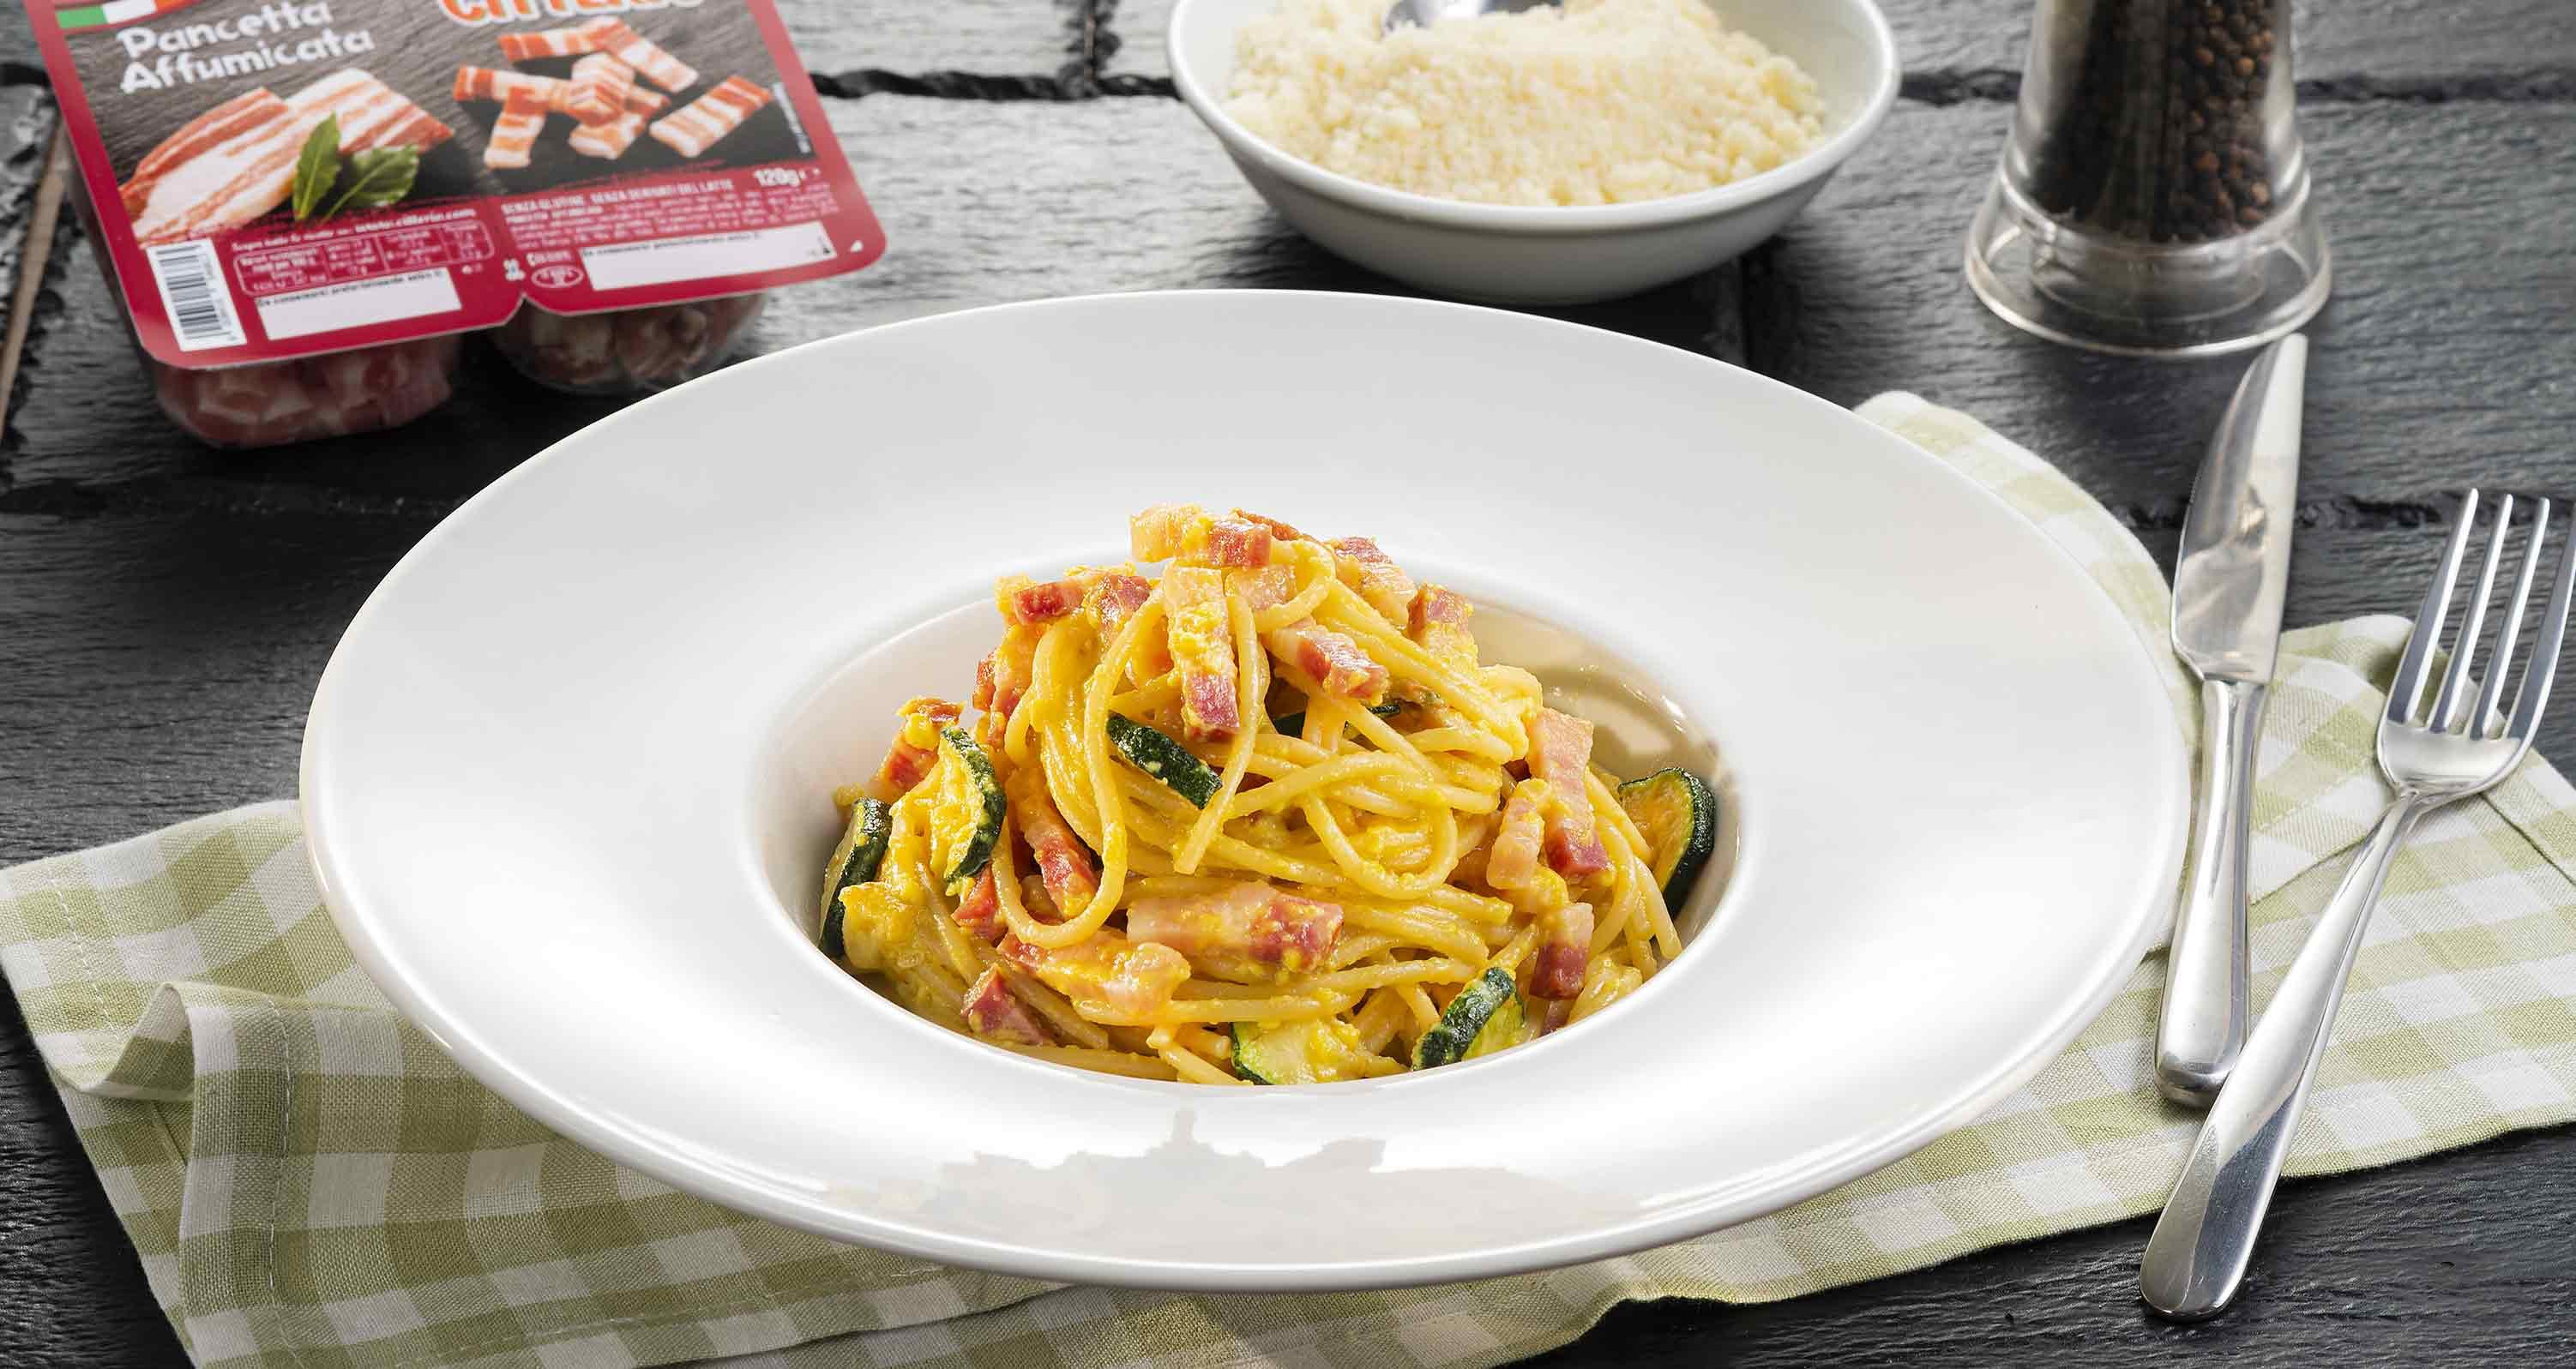 carbonara-zucchini-e-fiammiferi-di-pancetta-affumicata-low.jpg